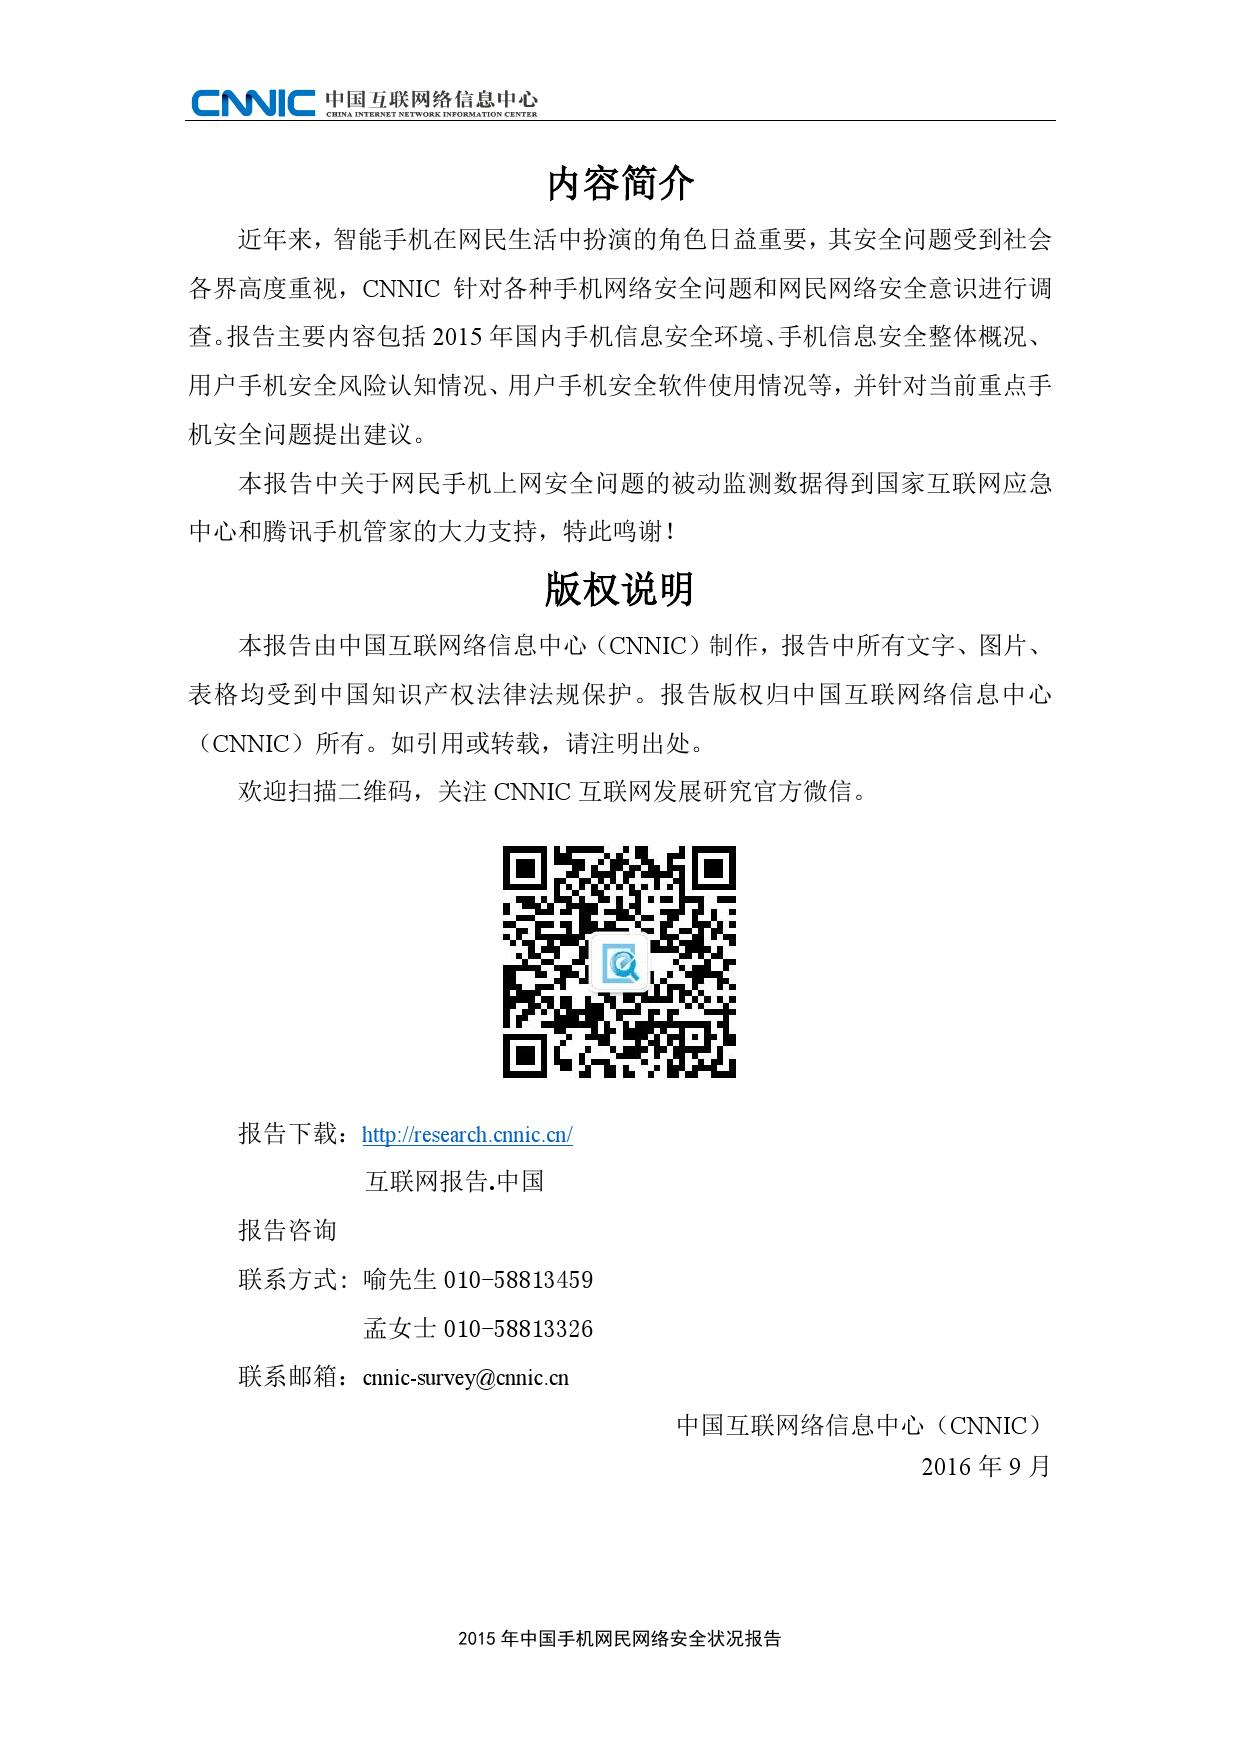 2015年中国手机网民网络安全状况报告_000002